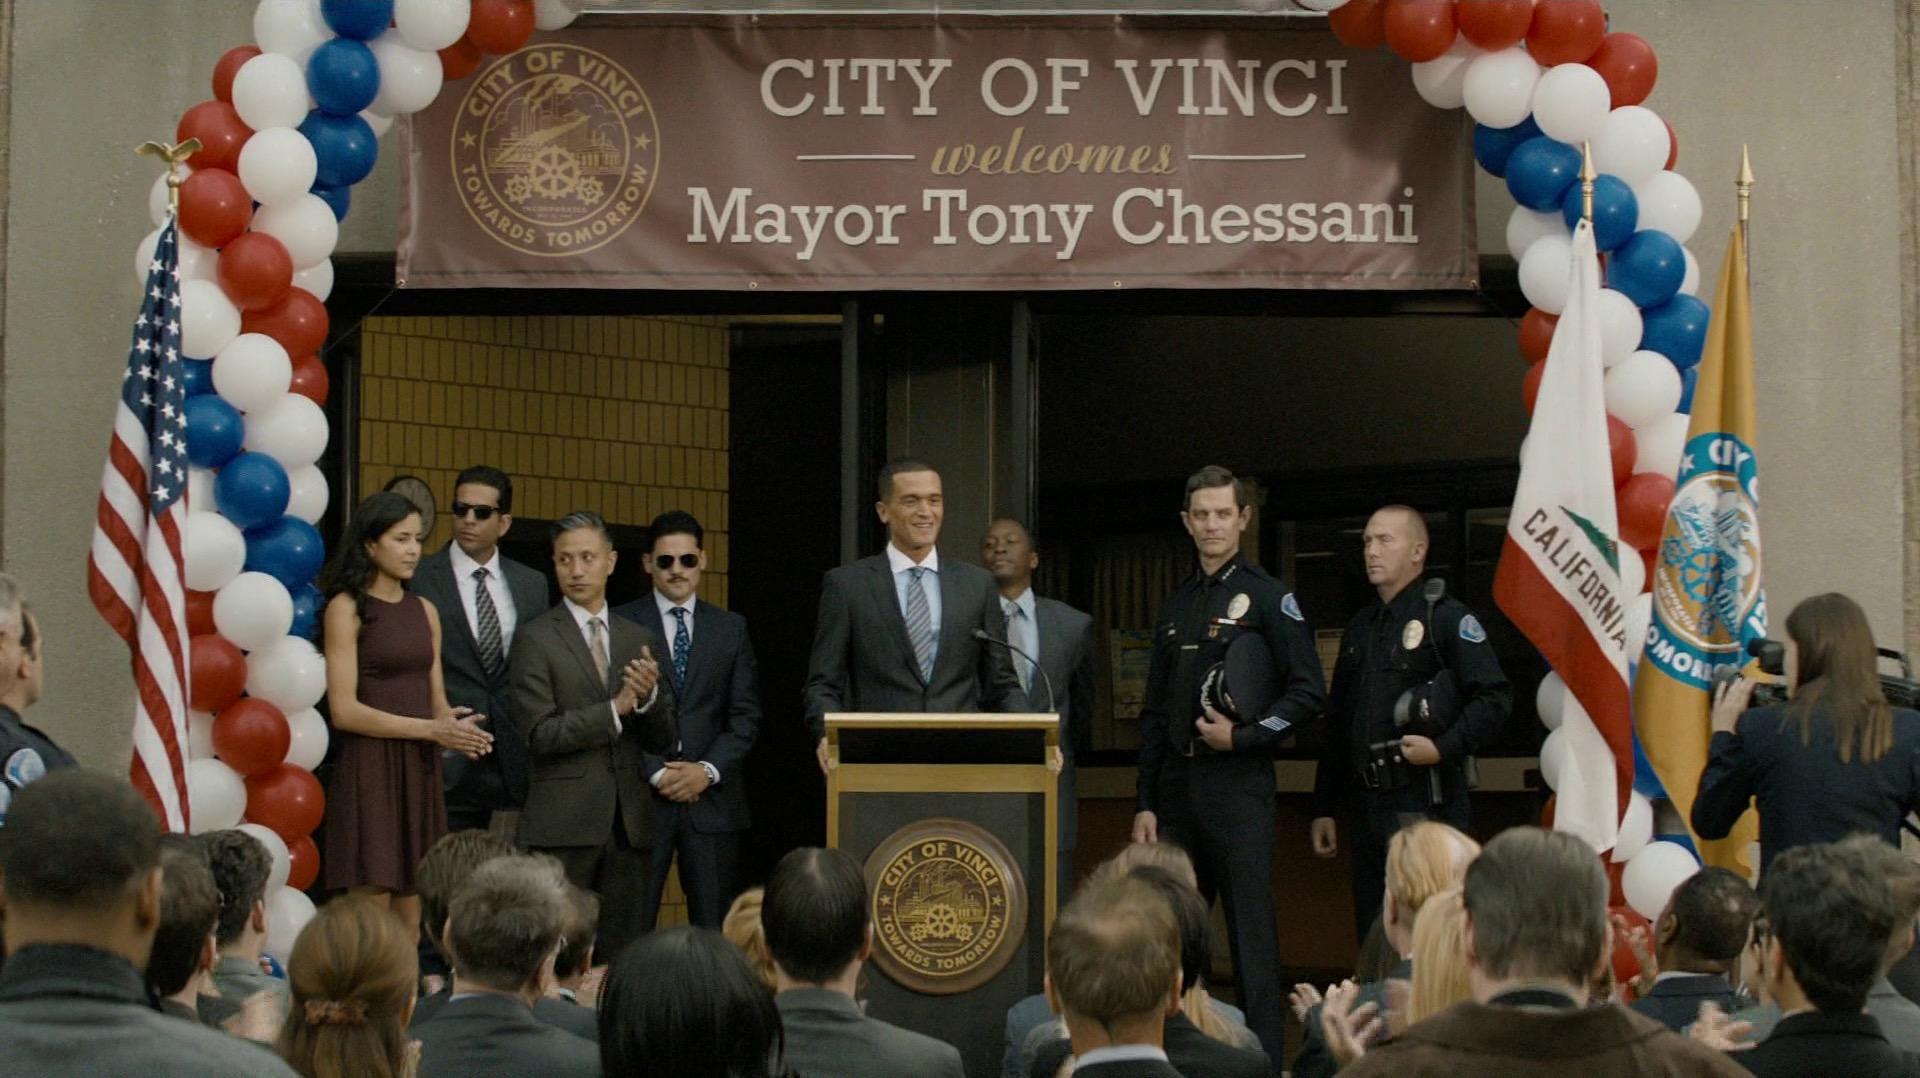 Mayor Tony Chessani